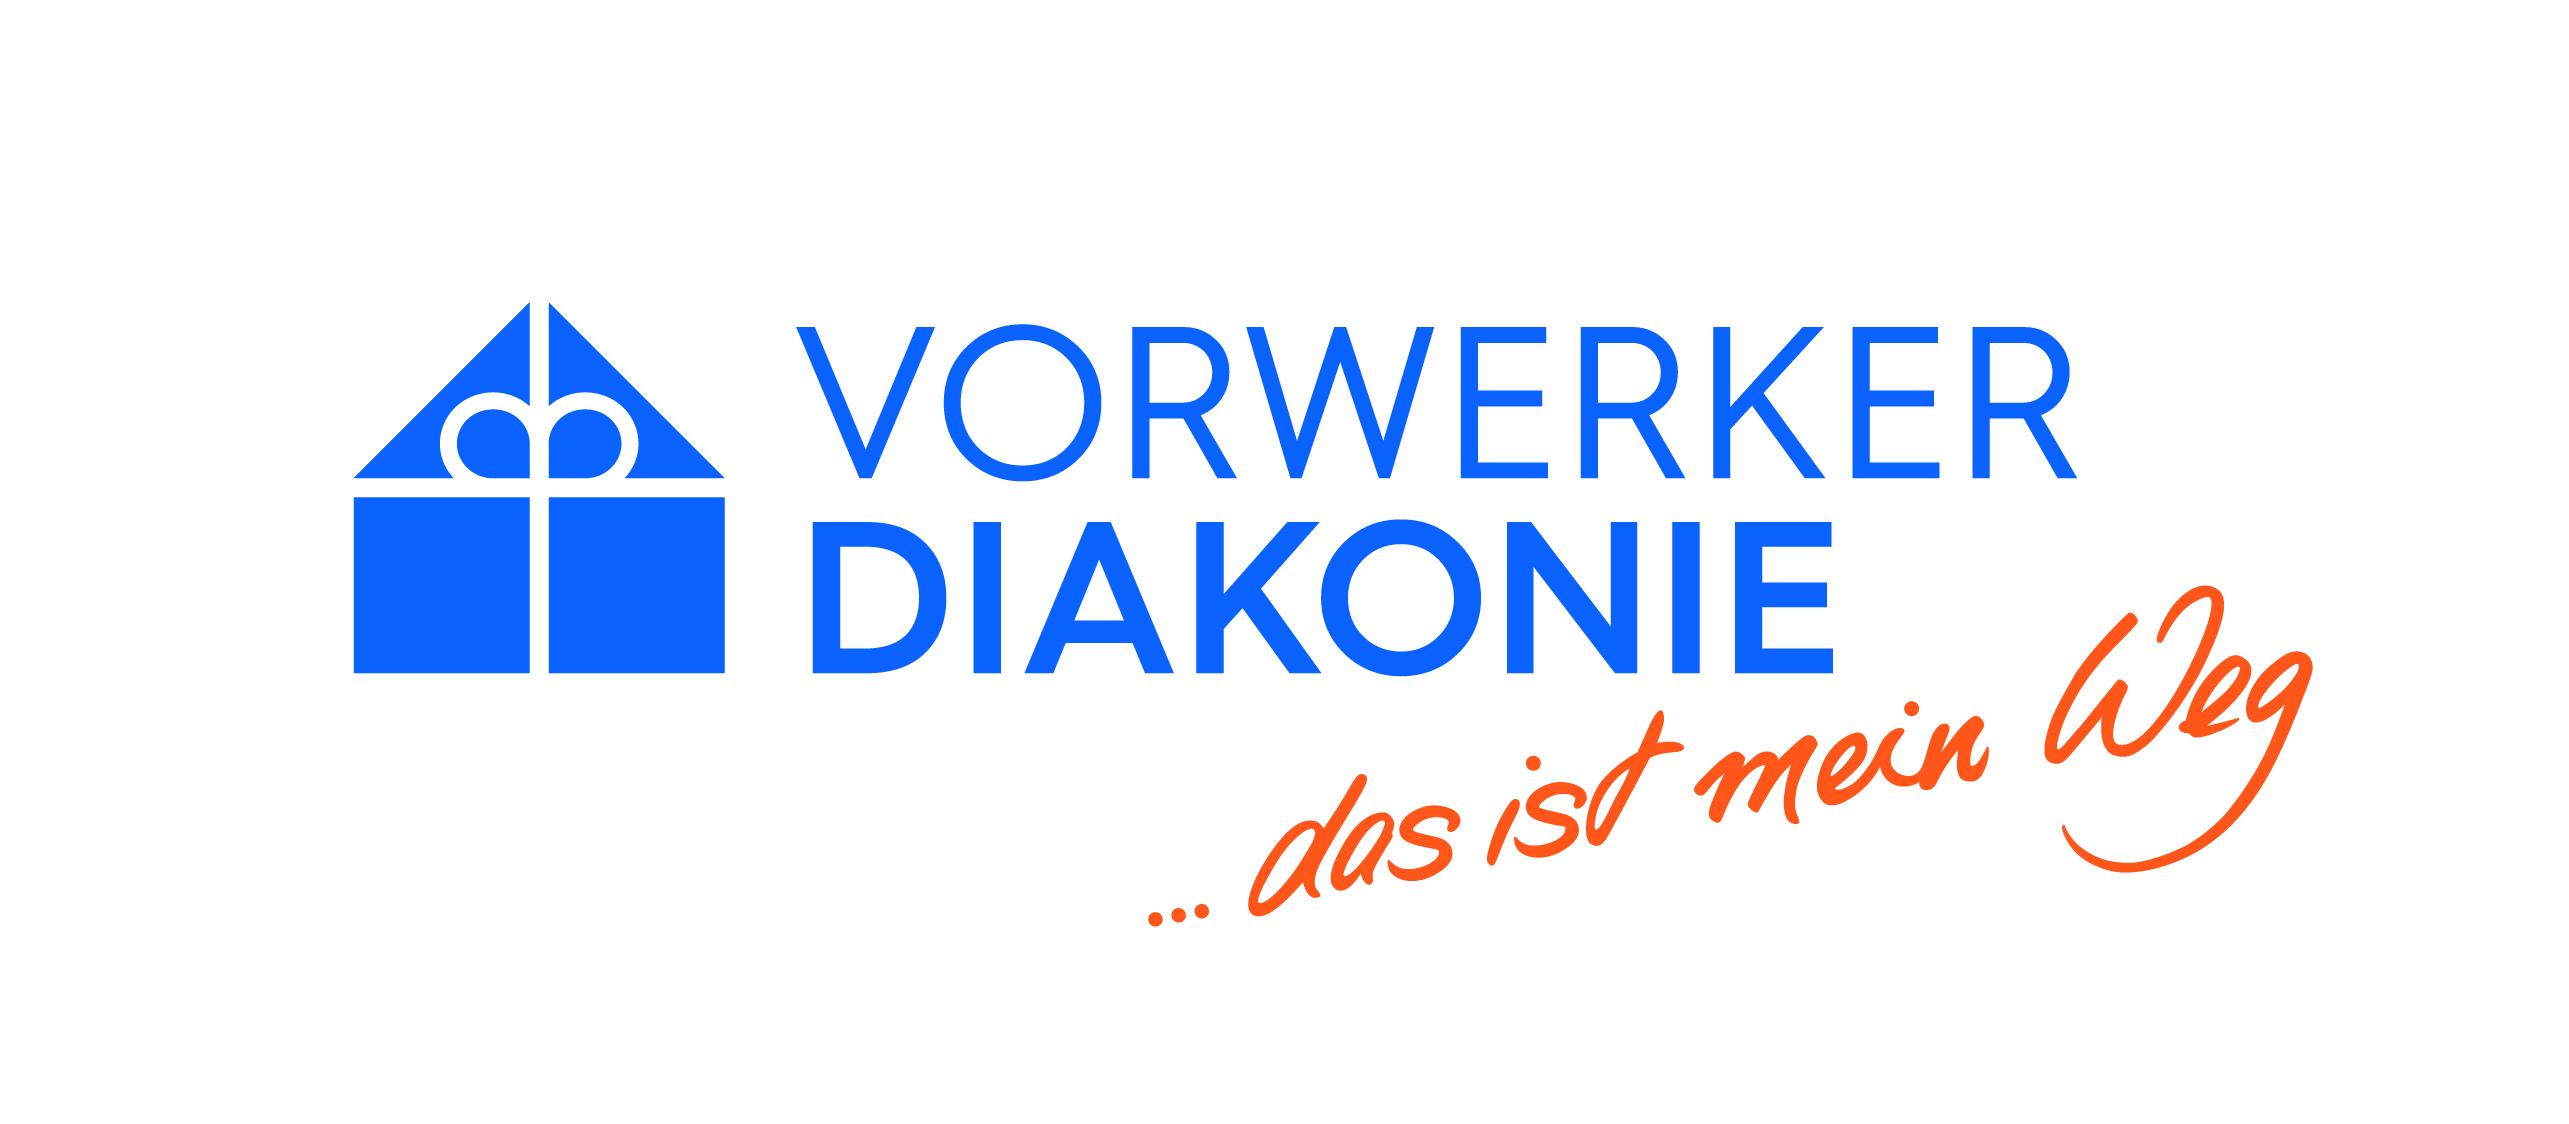 Logo: Vorwerker Diakonie gGmbH